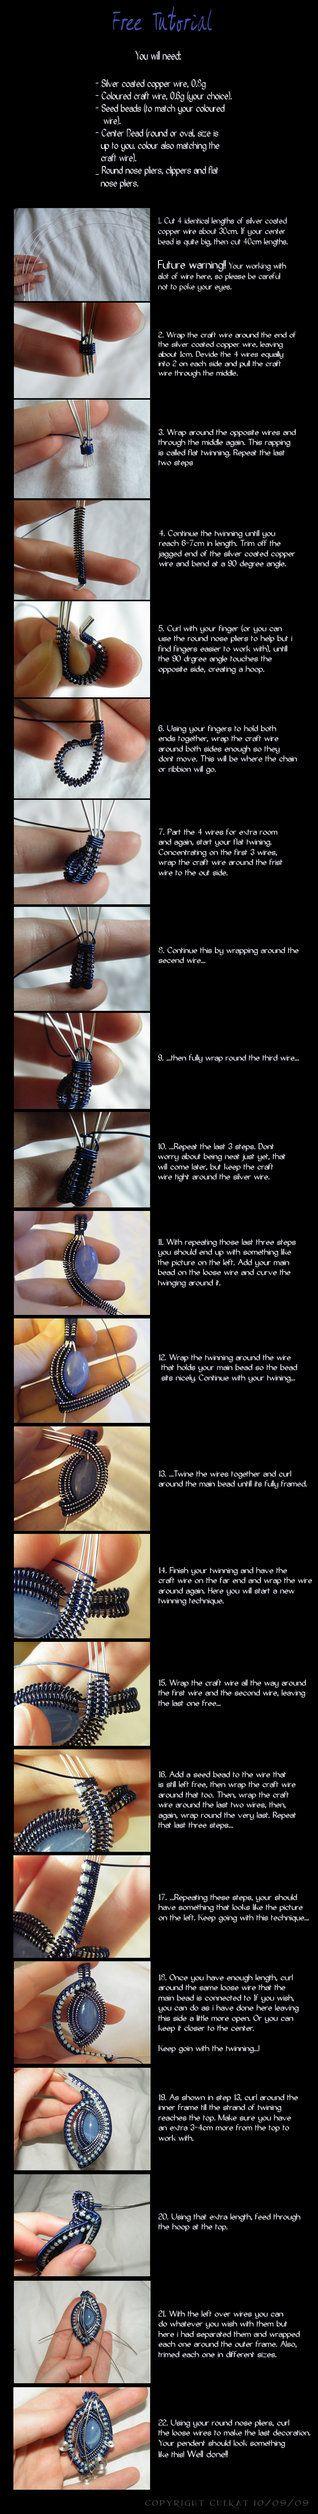 Free Jewellery Tutorial by ~cueKat on deviantART